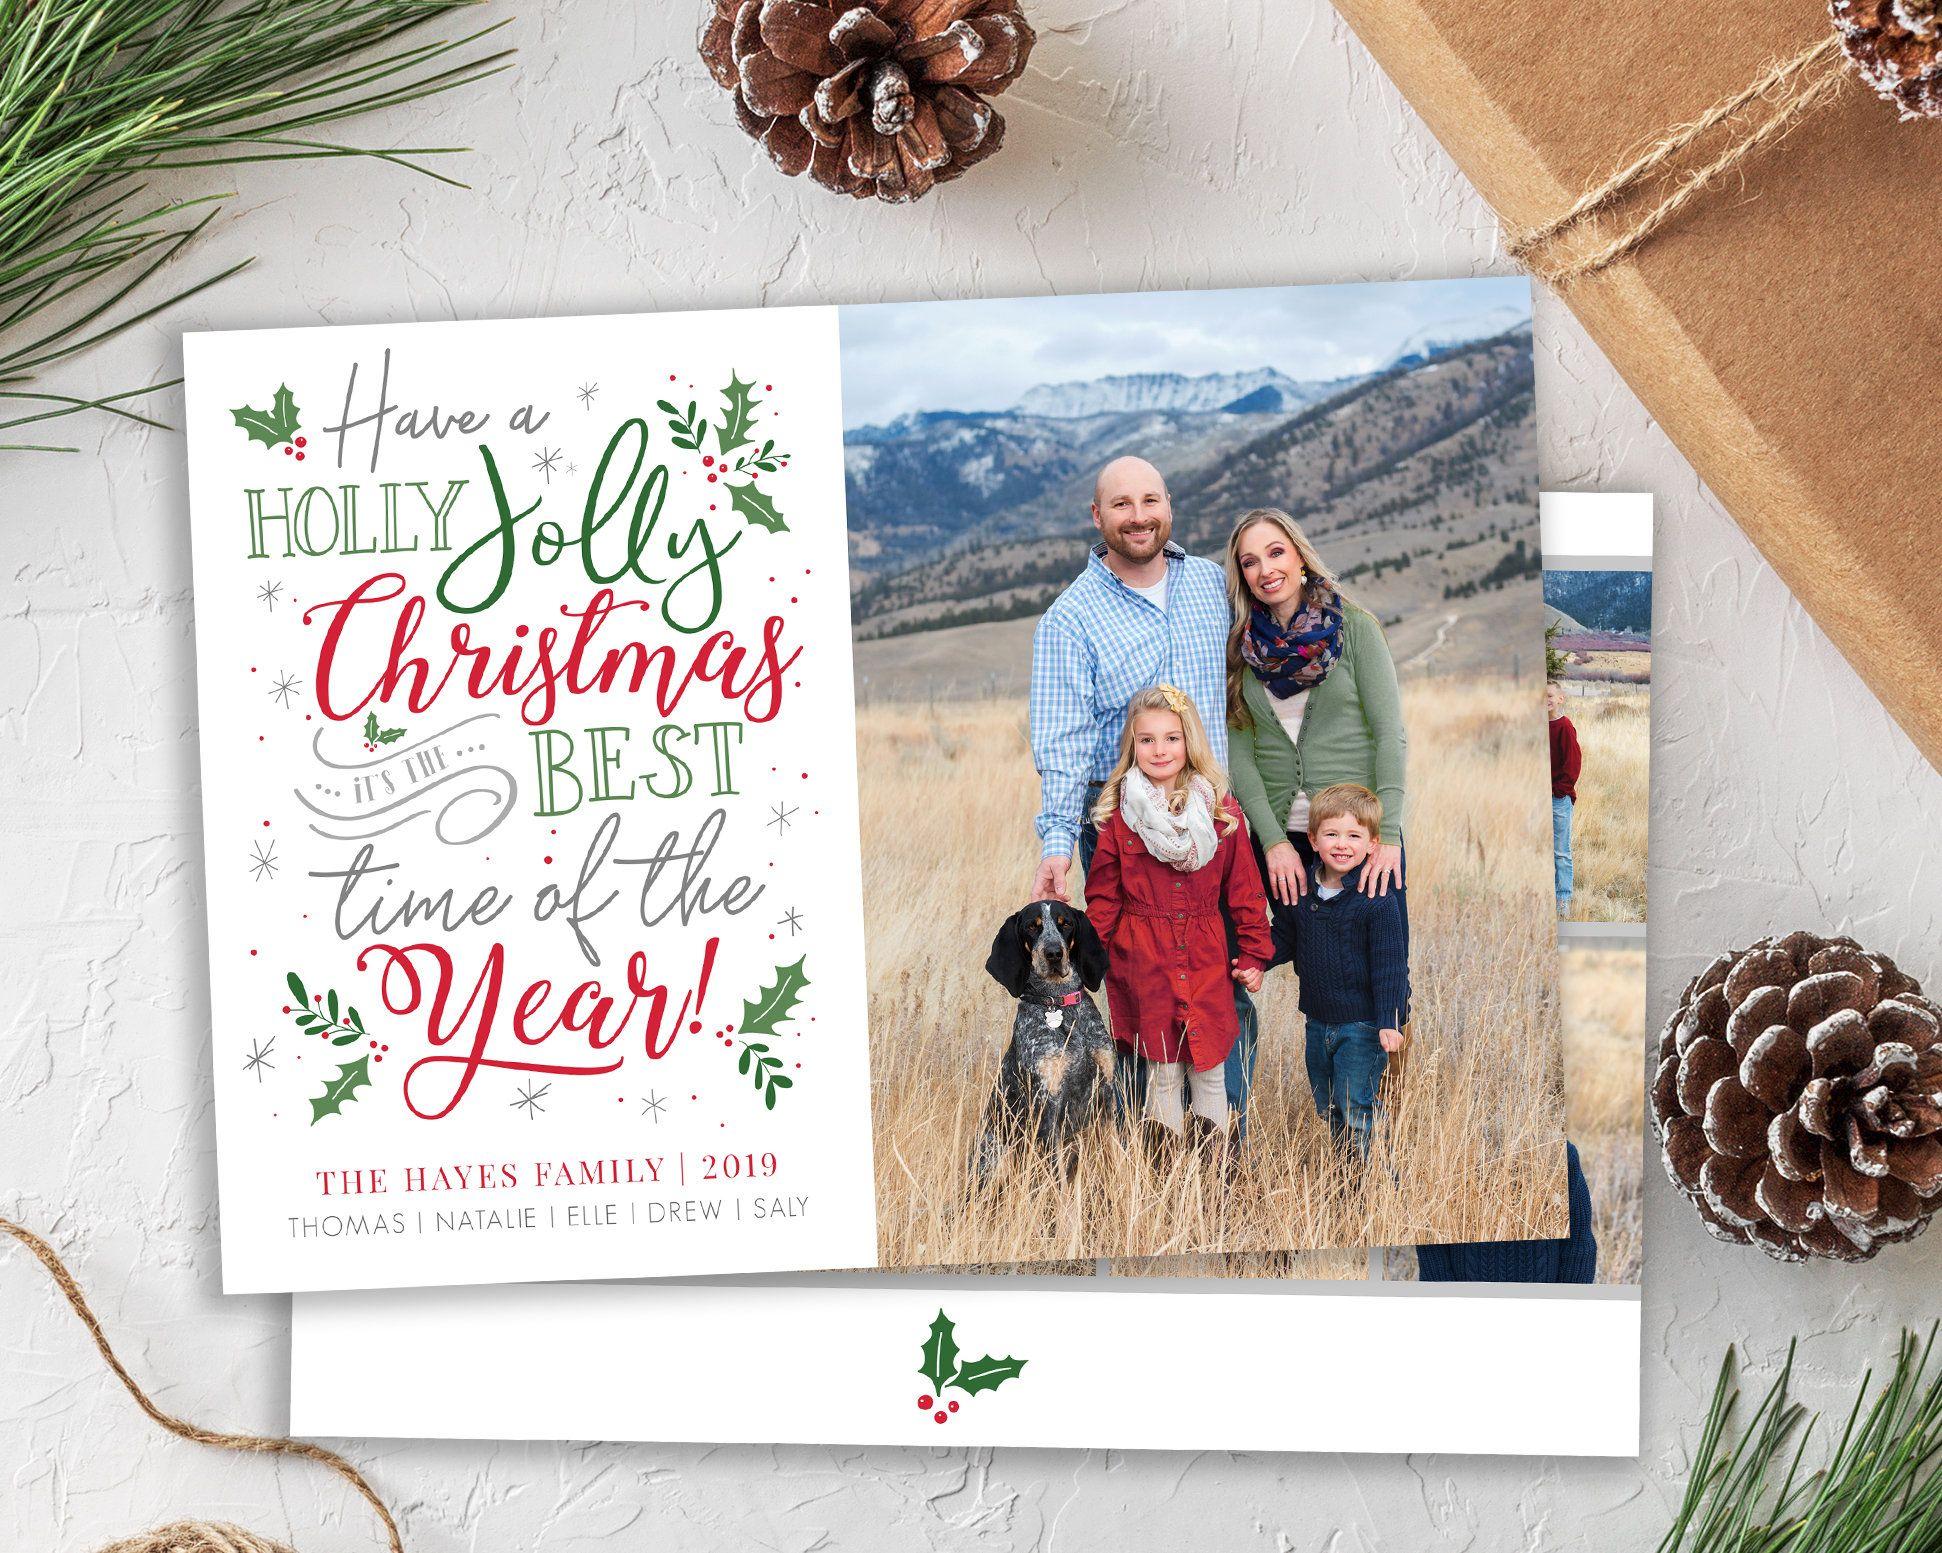 Christmas Card Template Holiday Card Holly Jolly Christmas Card Merry Christmas Photo Card Template Photoshop Christmas Card Christmas Card Template Christmas Photo Card Template Merry Christmas Card Photo